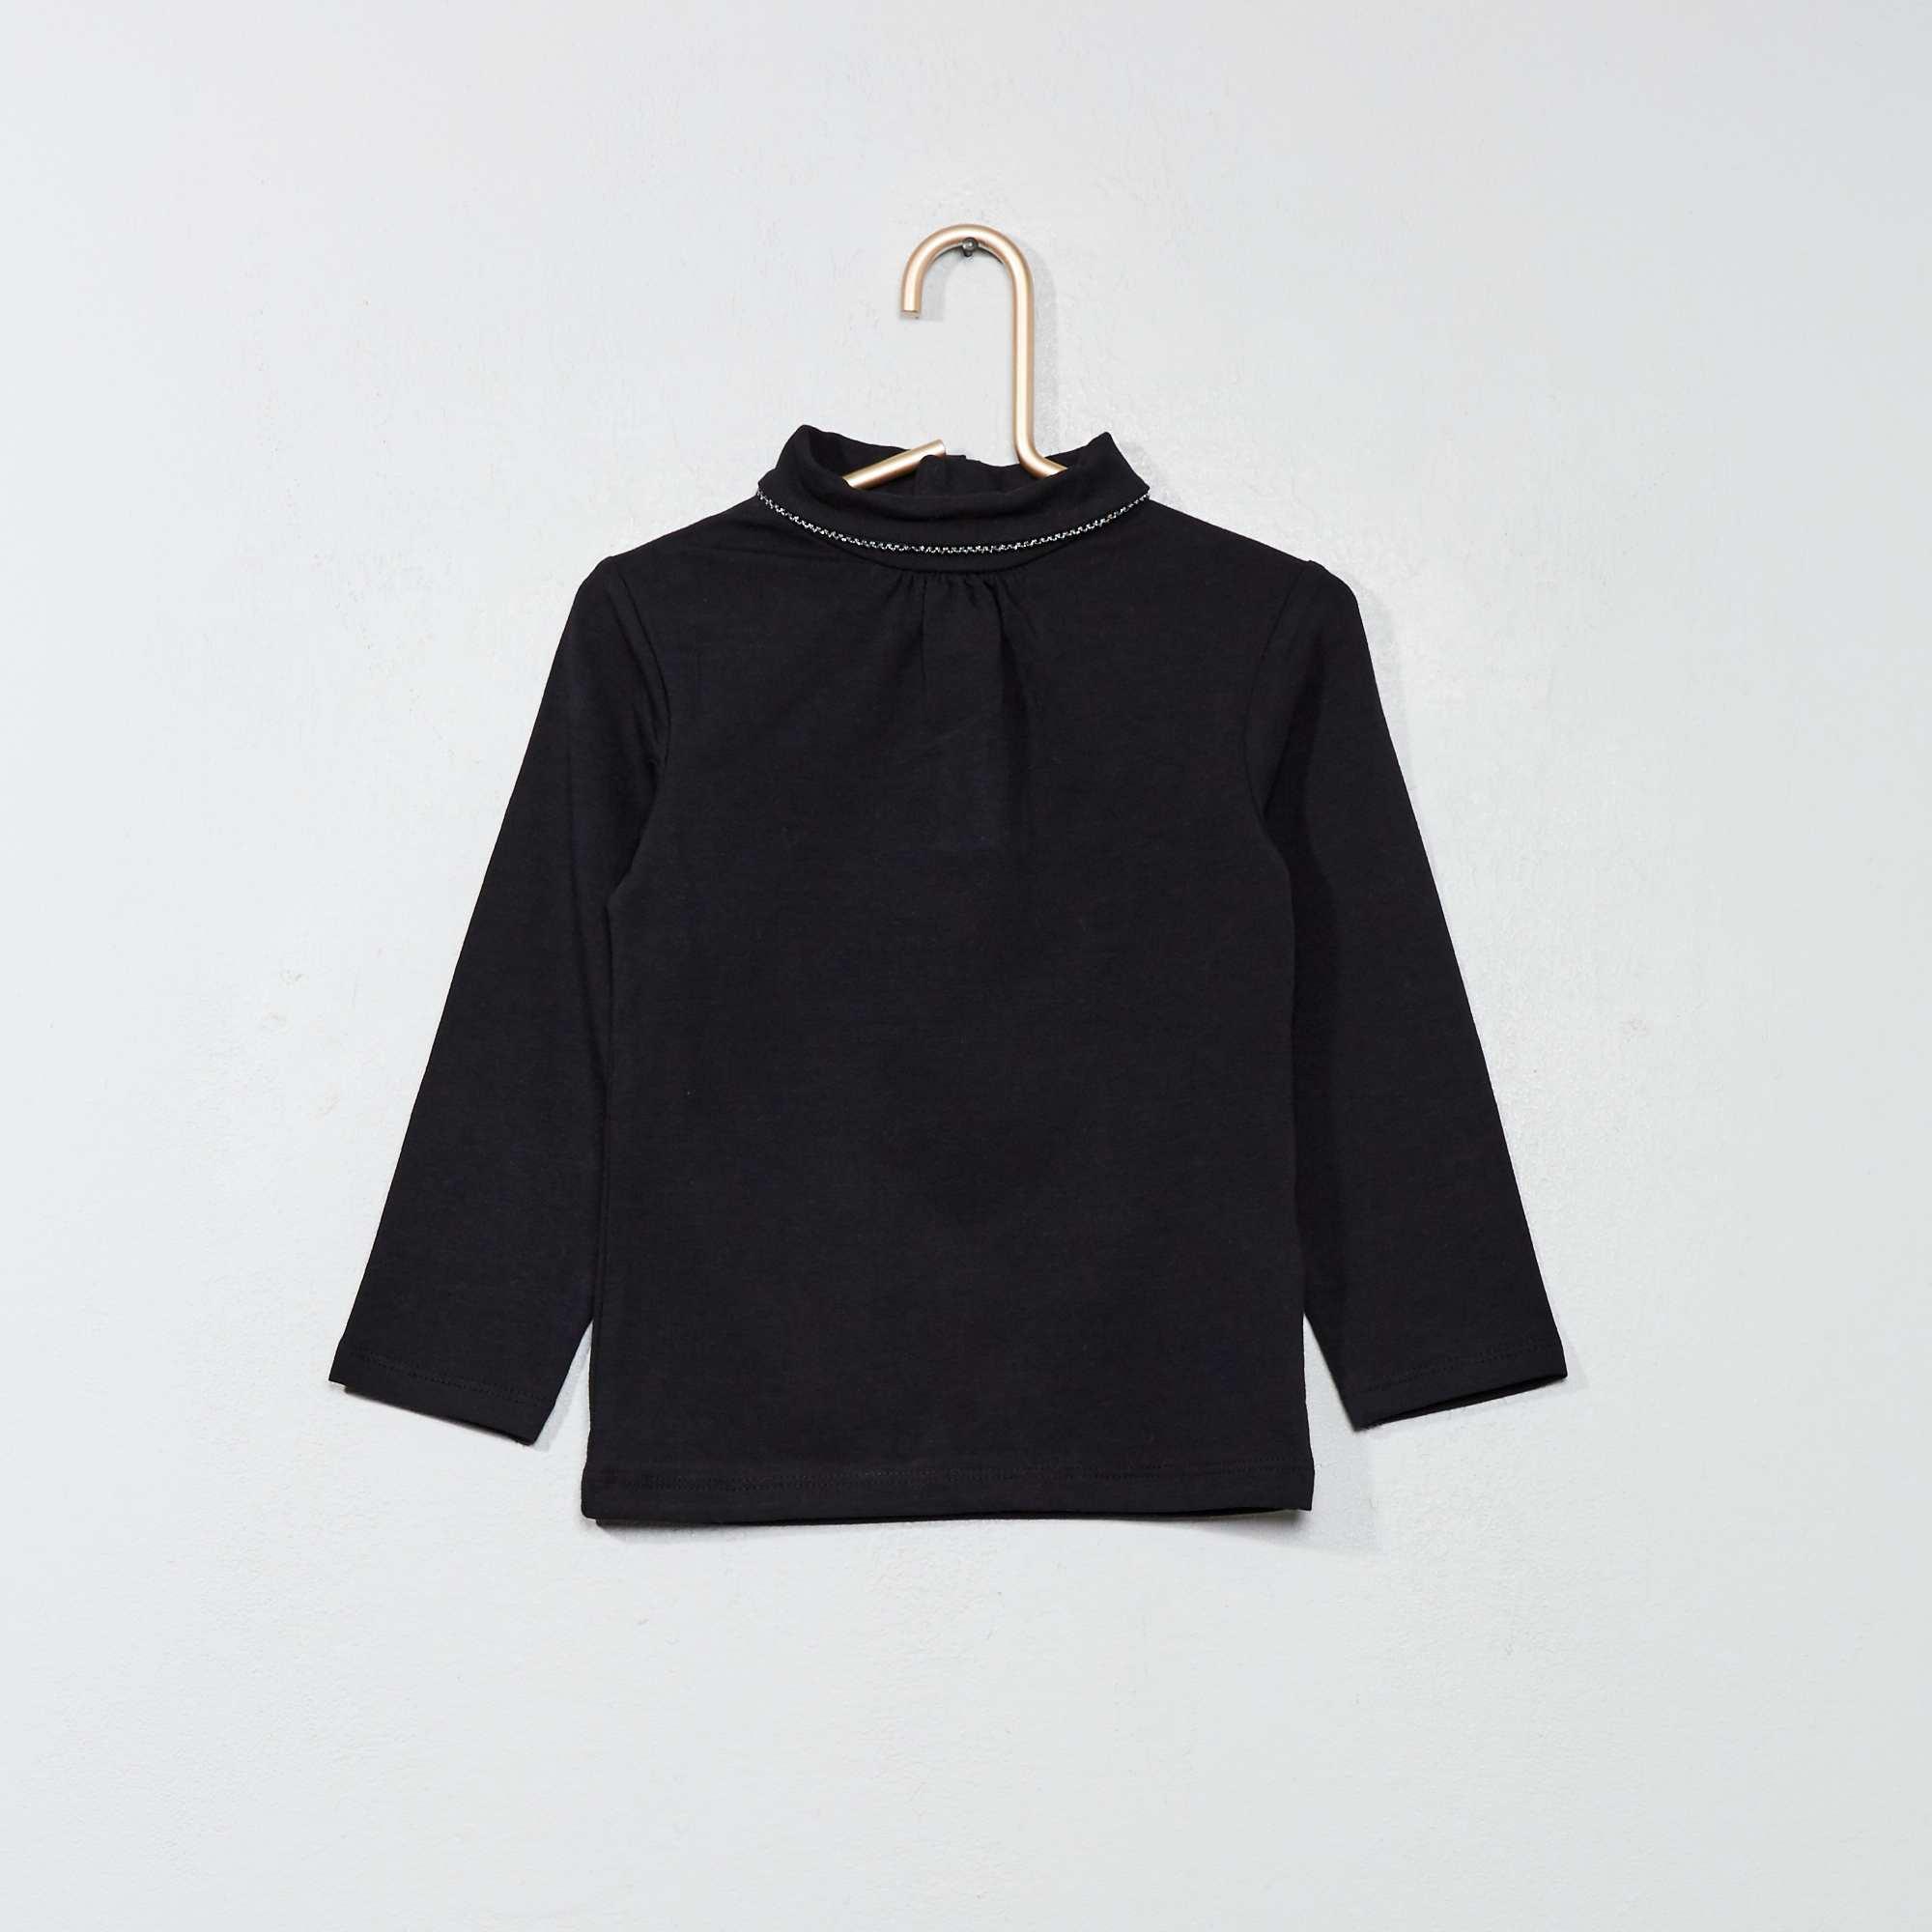 eeed79152 Camiseta lisa de cuello alto negro Bebé niña. Loading zoom